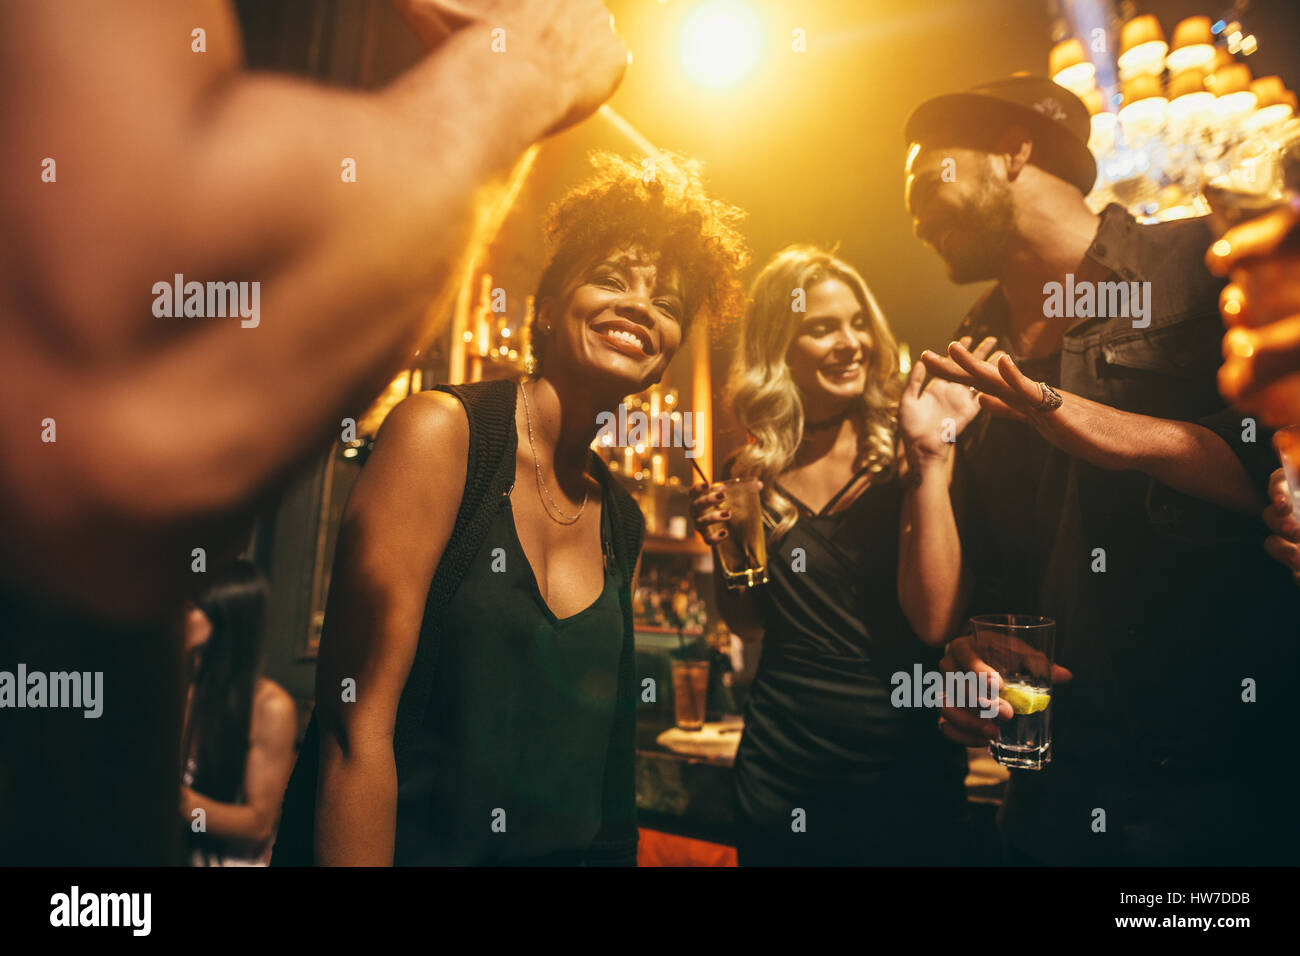 Bild der glückliche junge Leute, die Spaß in Disco. Gruppe von Freunden eine Party im Nachtclub genießen. Stockbild